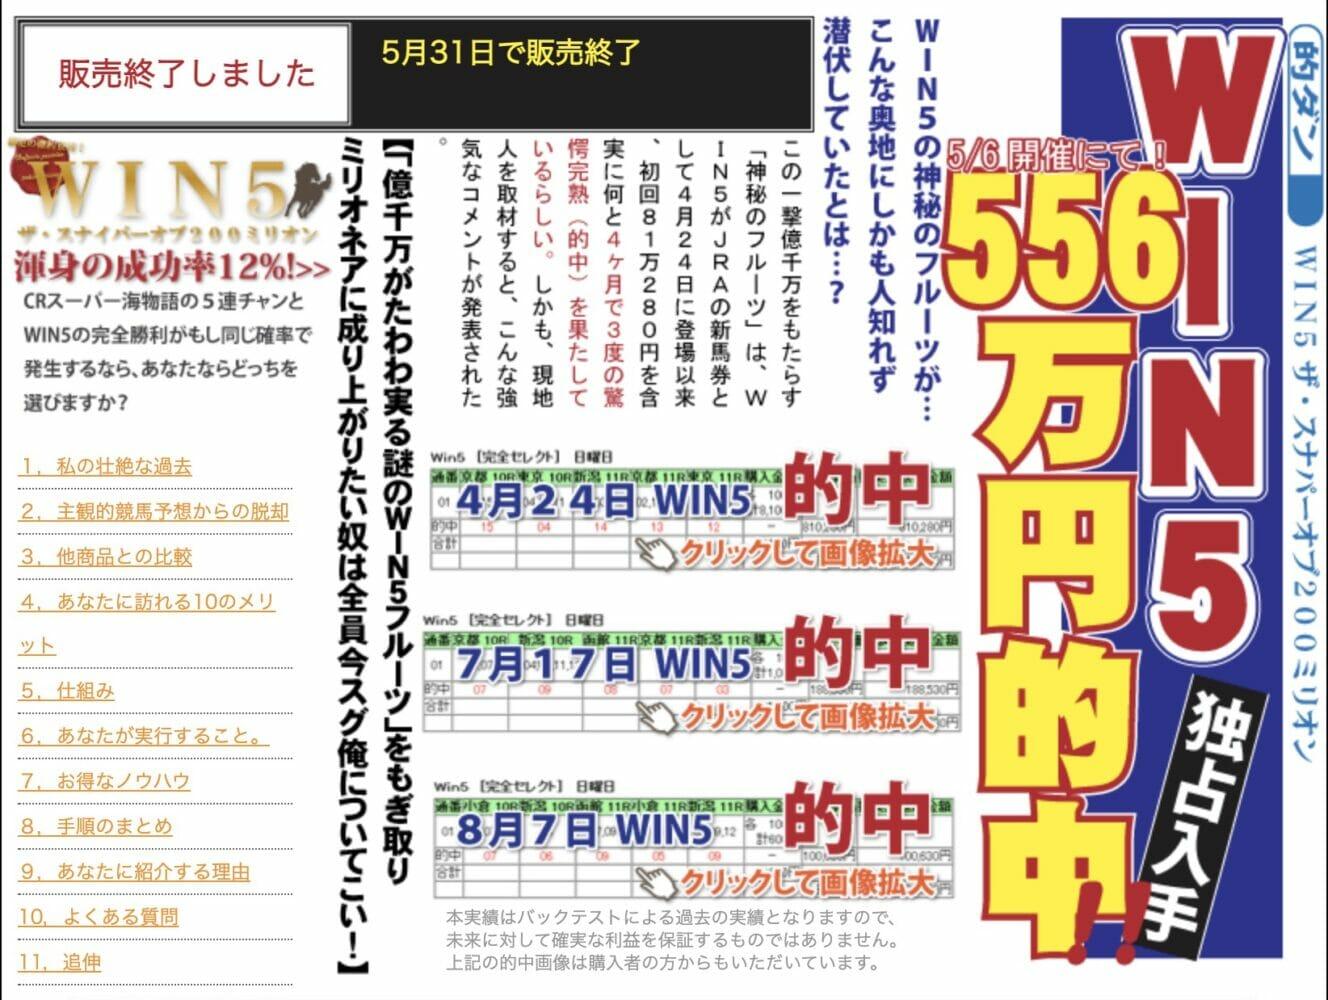 Win5ザ・スナイパー・オブ・200ミリオン(的中ダントツ化プロジェクトチーム)